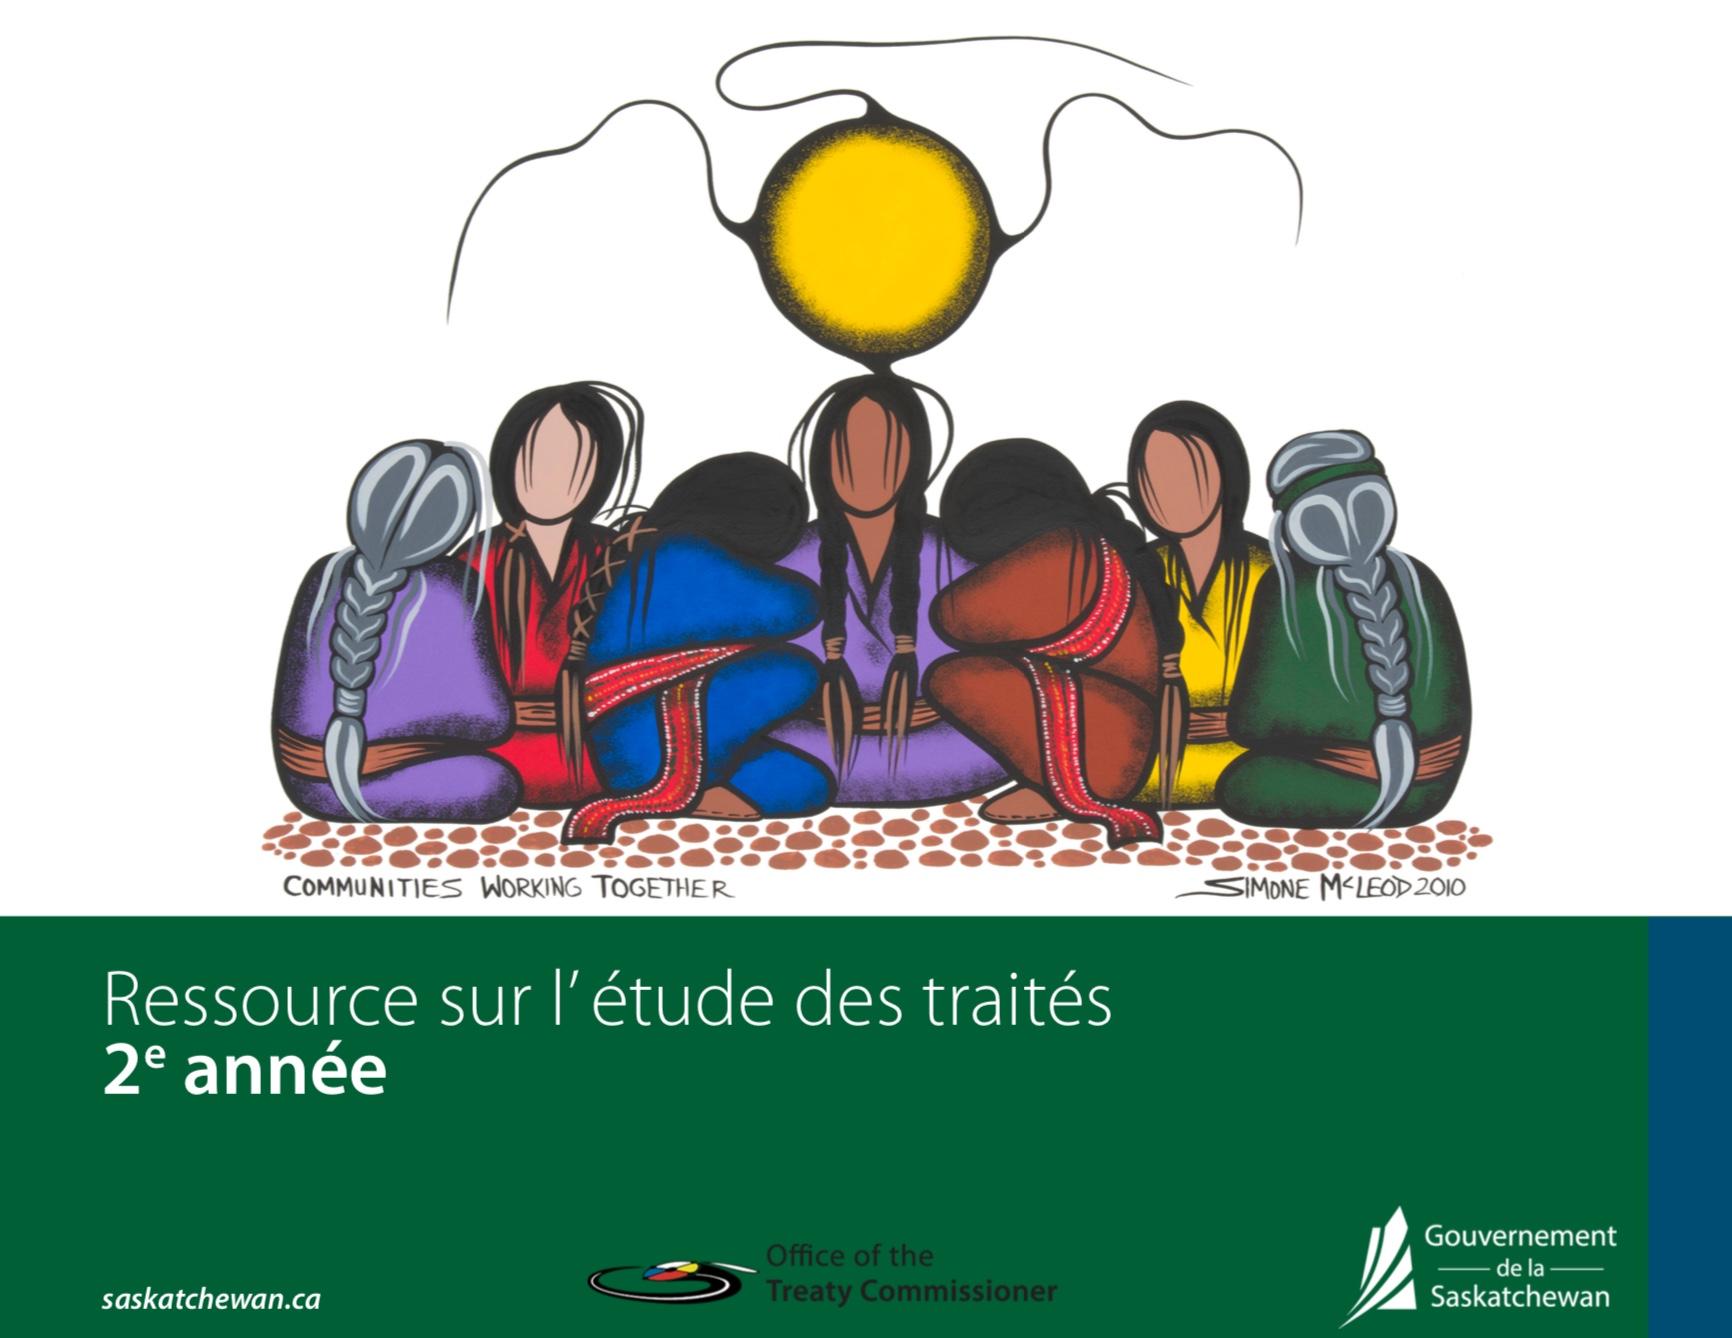 Ressource sur l' étude des traités - 2e année